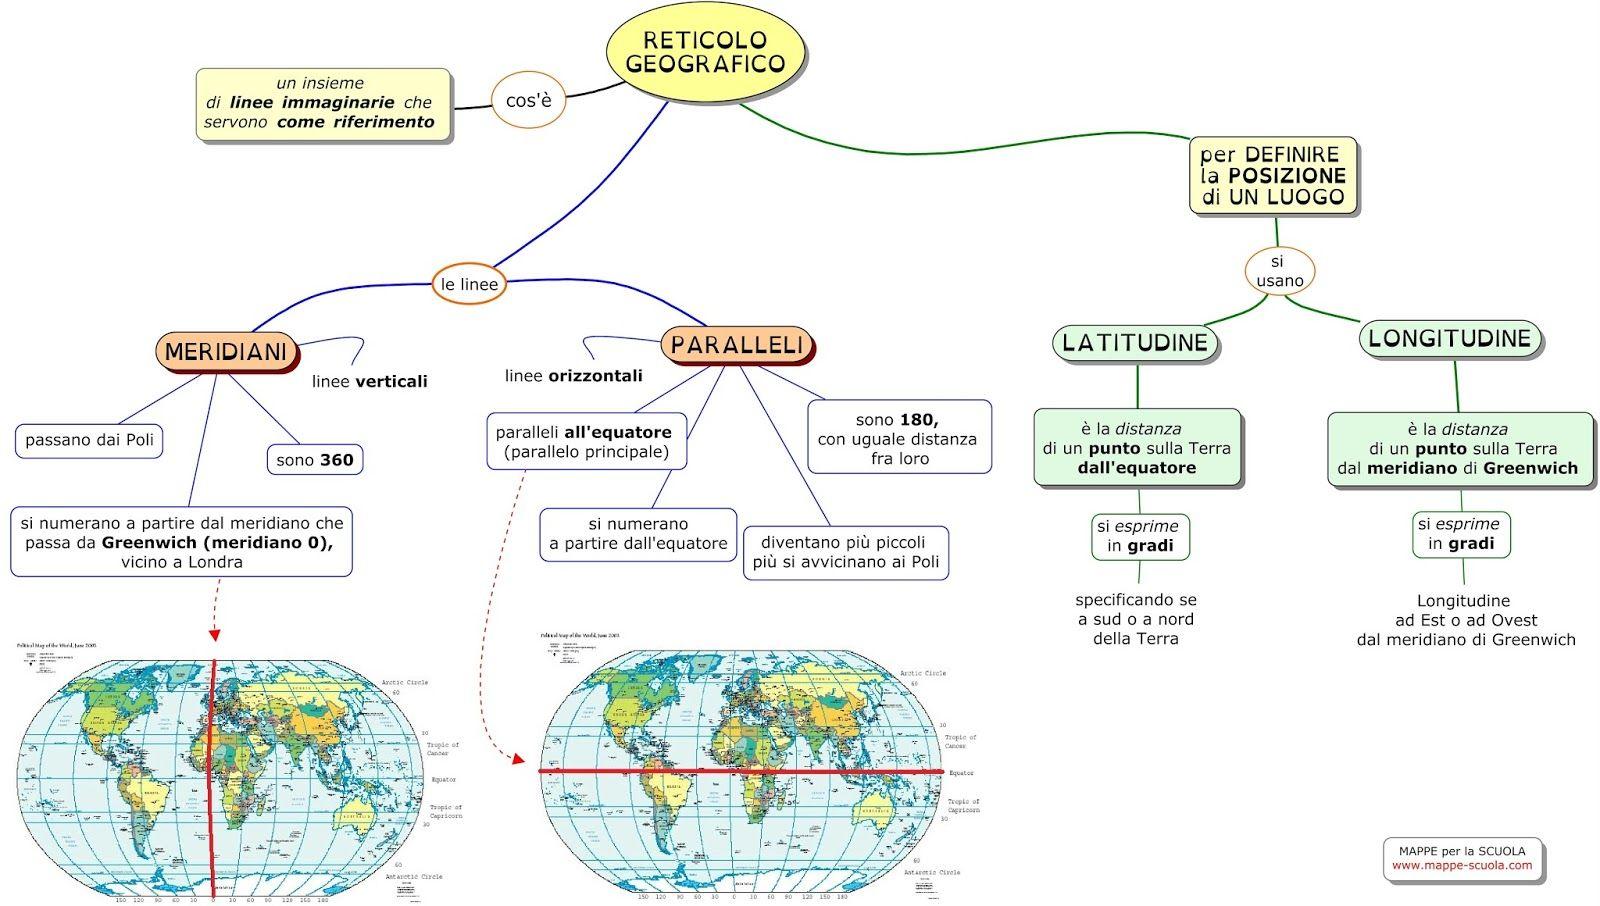 Cartina Del Mondo Con Meridiani E Paralleli.Mappa Concettuale Su Meridiani E Paralleli Sul Reticolo